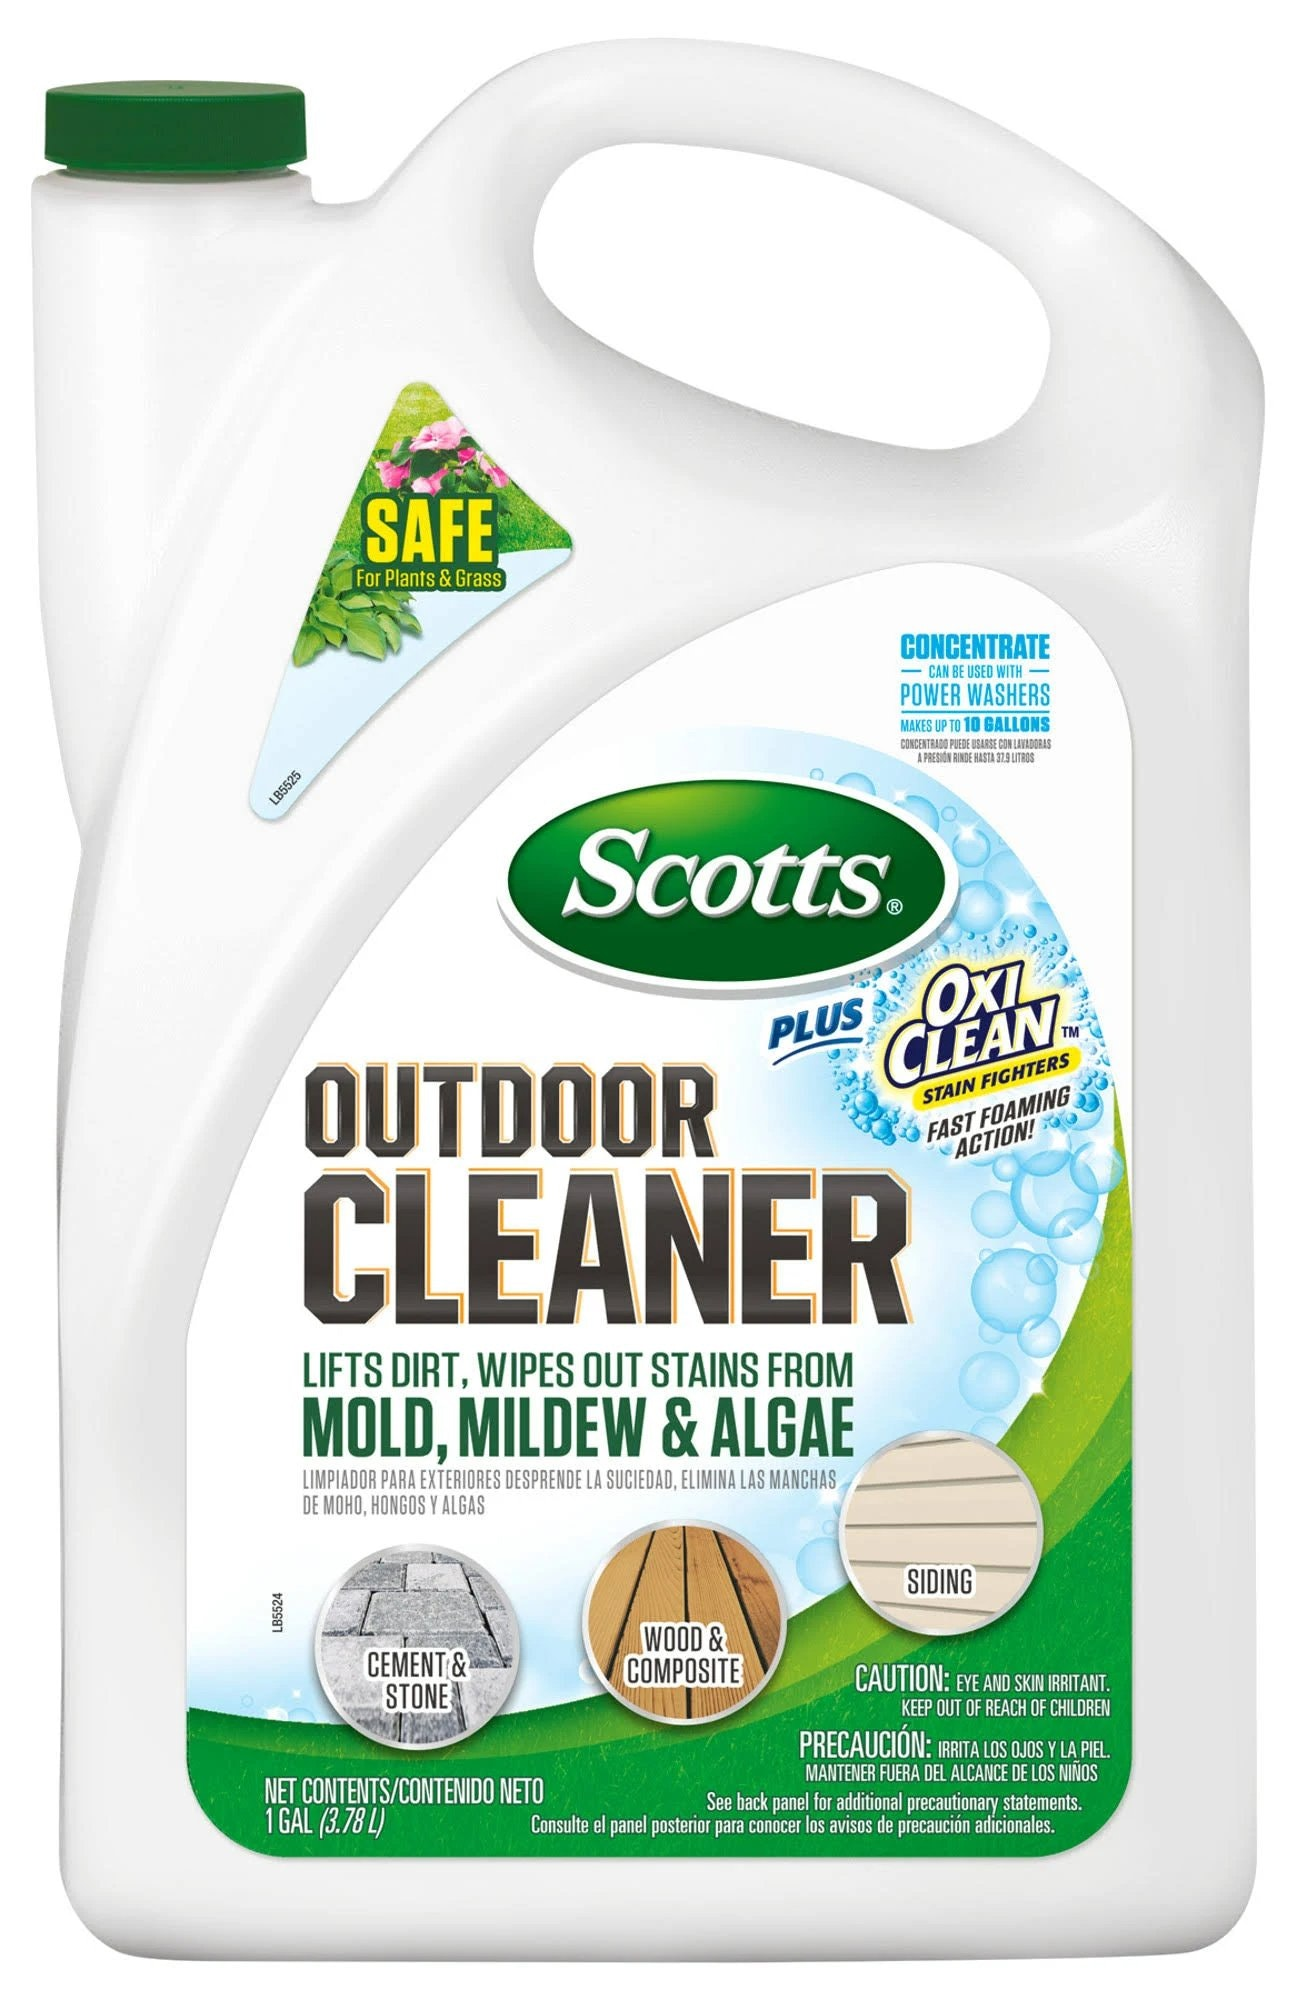 Scotts Outdoor Cleaner